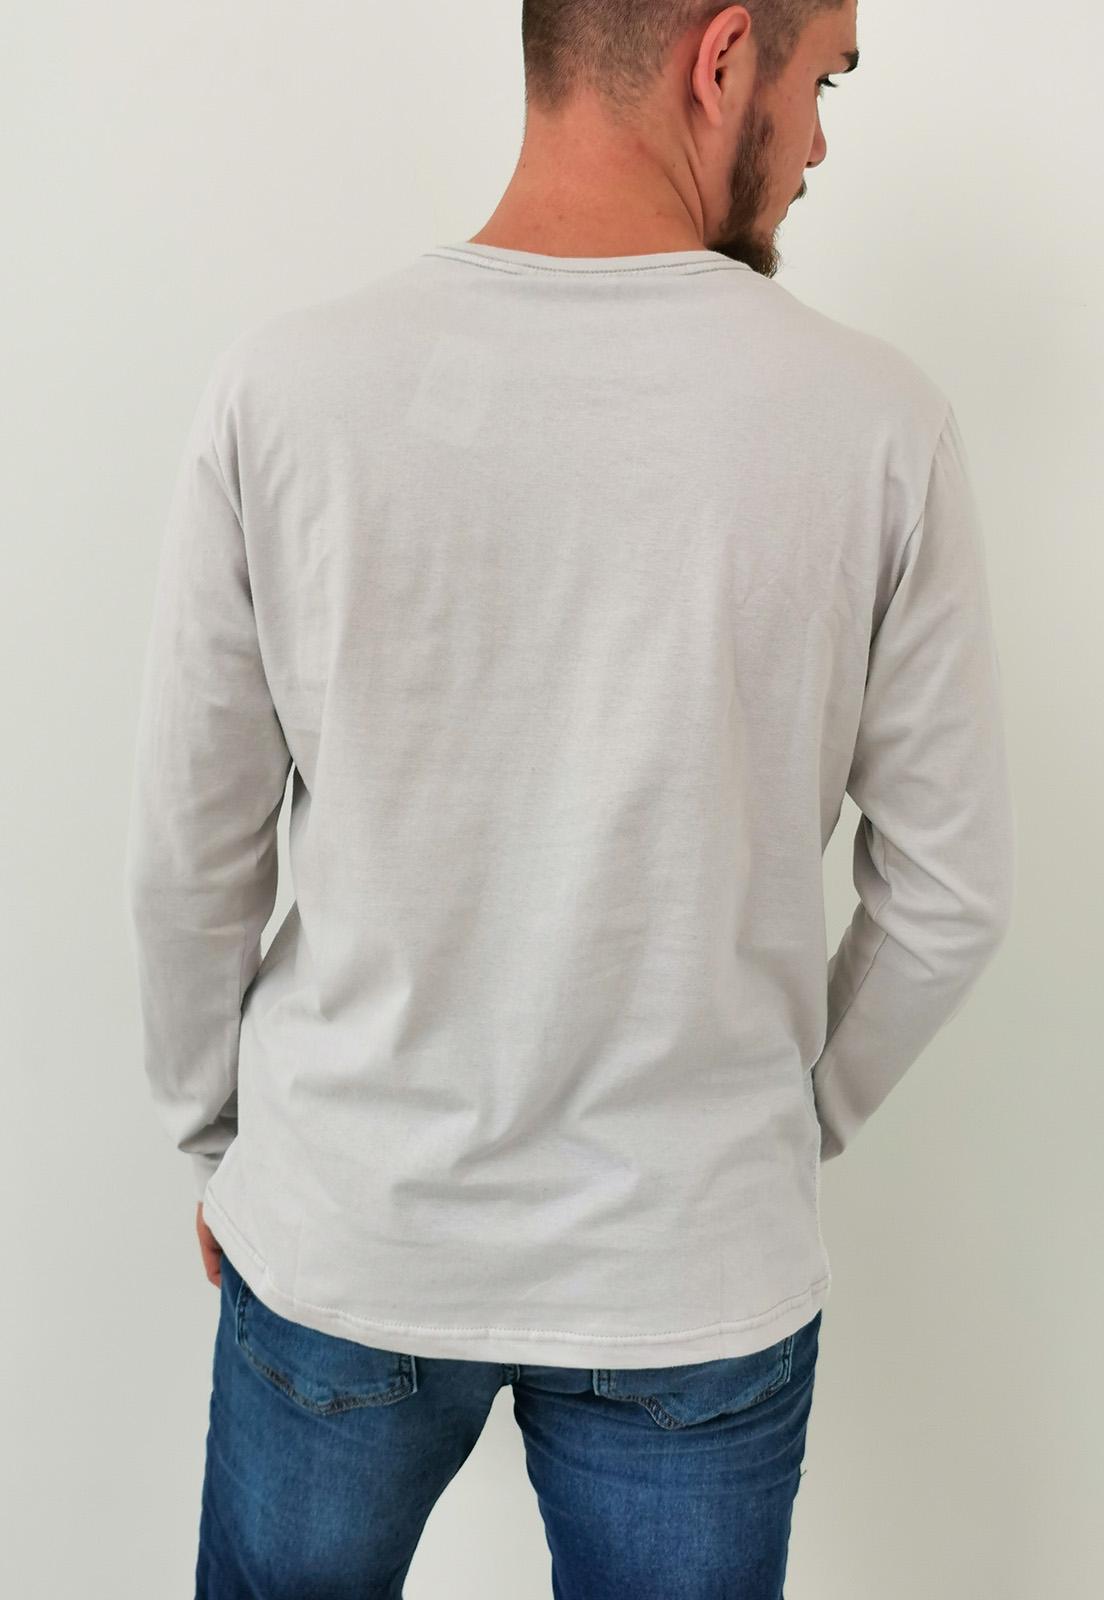 Camiseta Manga Longa Dixie Branco